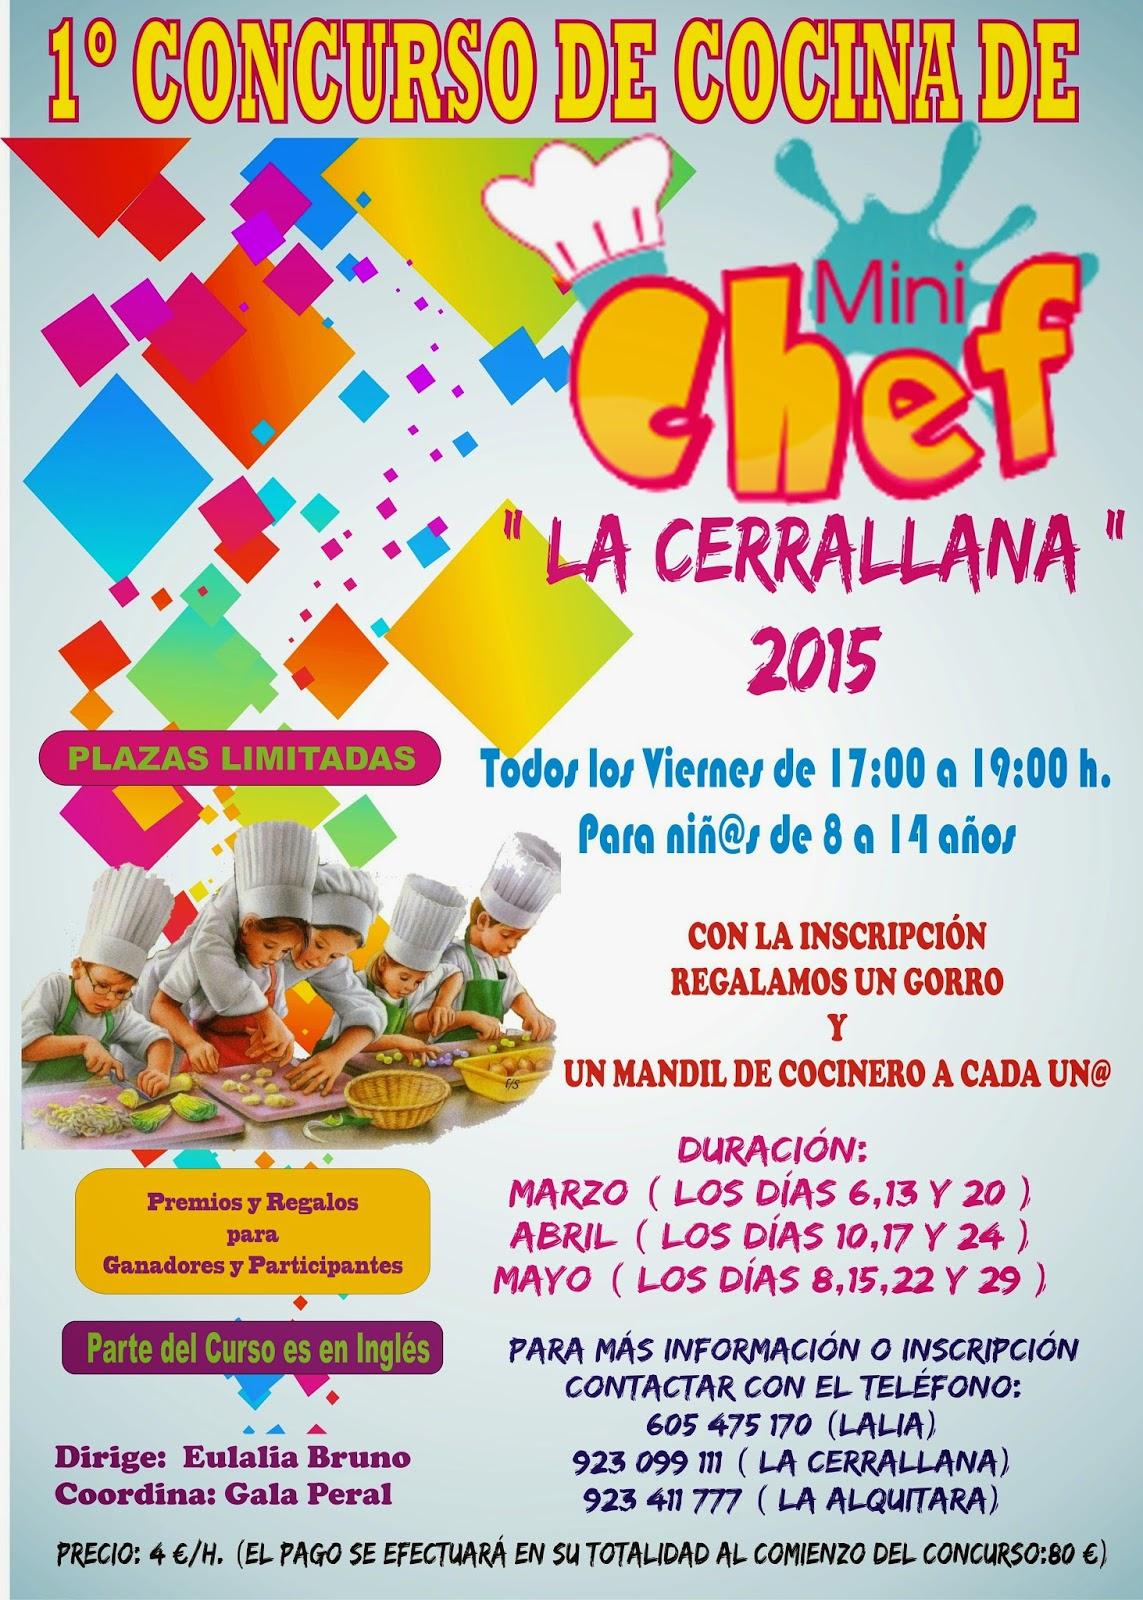 Restaurante cafeter a la cerrallana concurso de cocina - Concurso de cocina ...